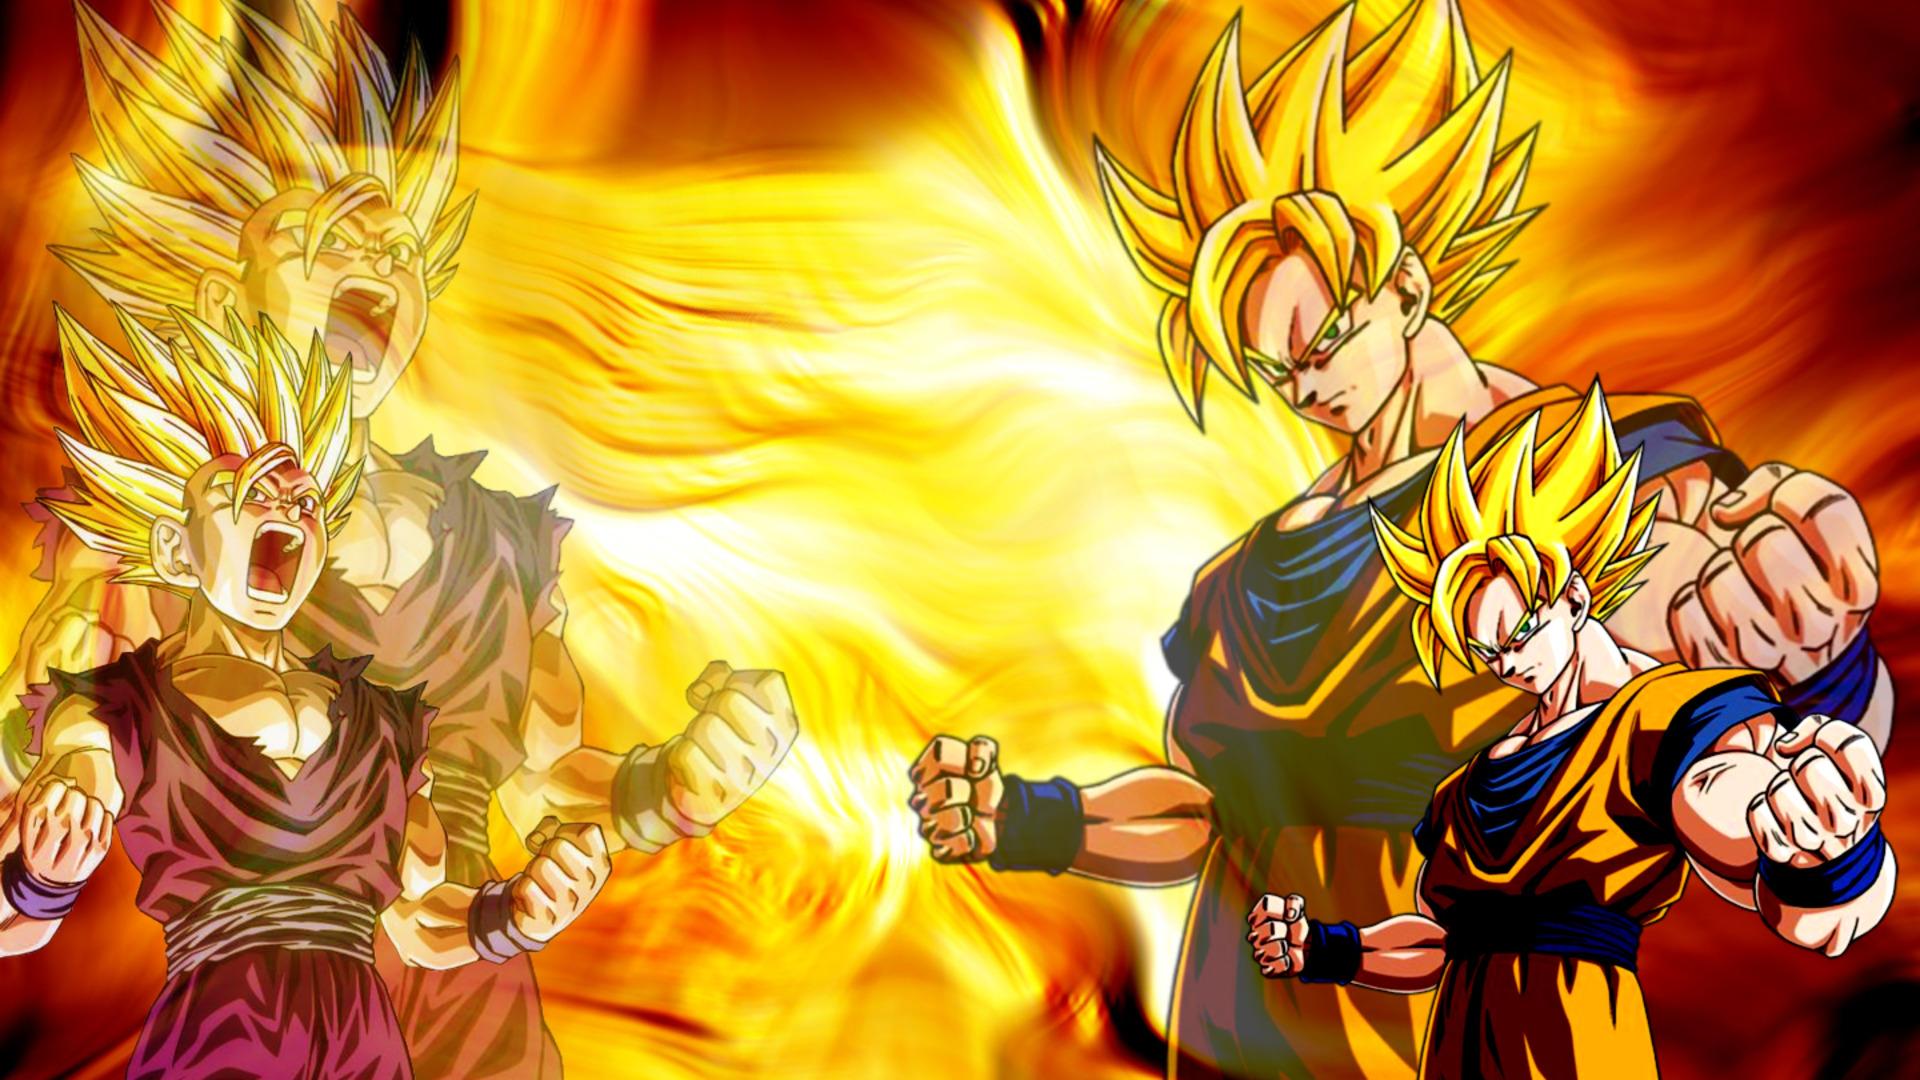 Son Goku Wallpaper 1920x1080 Son Goku Son Gohan Dragon Ball Z 1920x1080